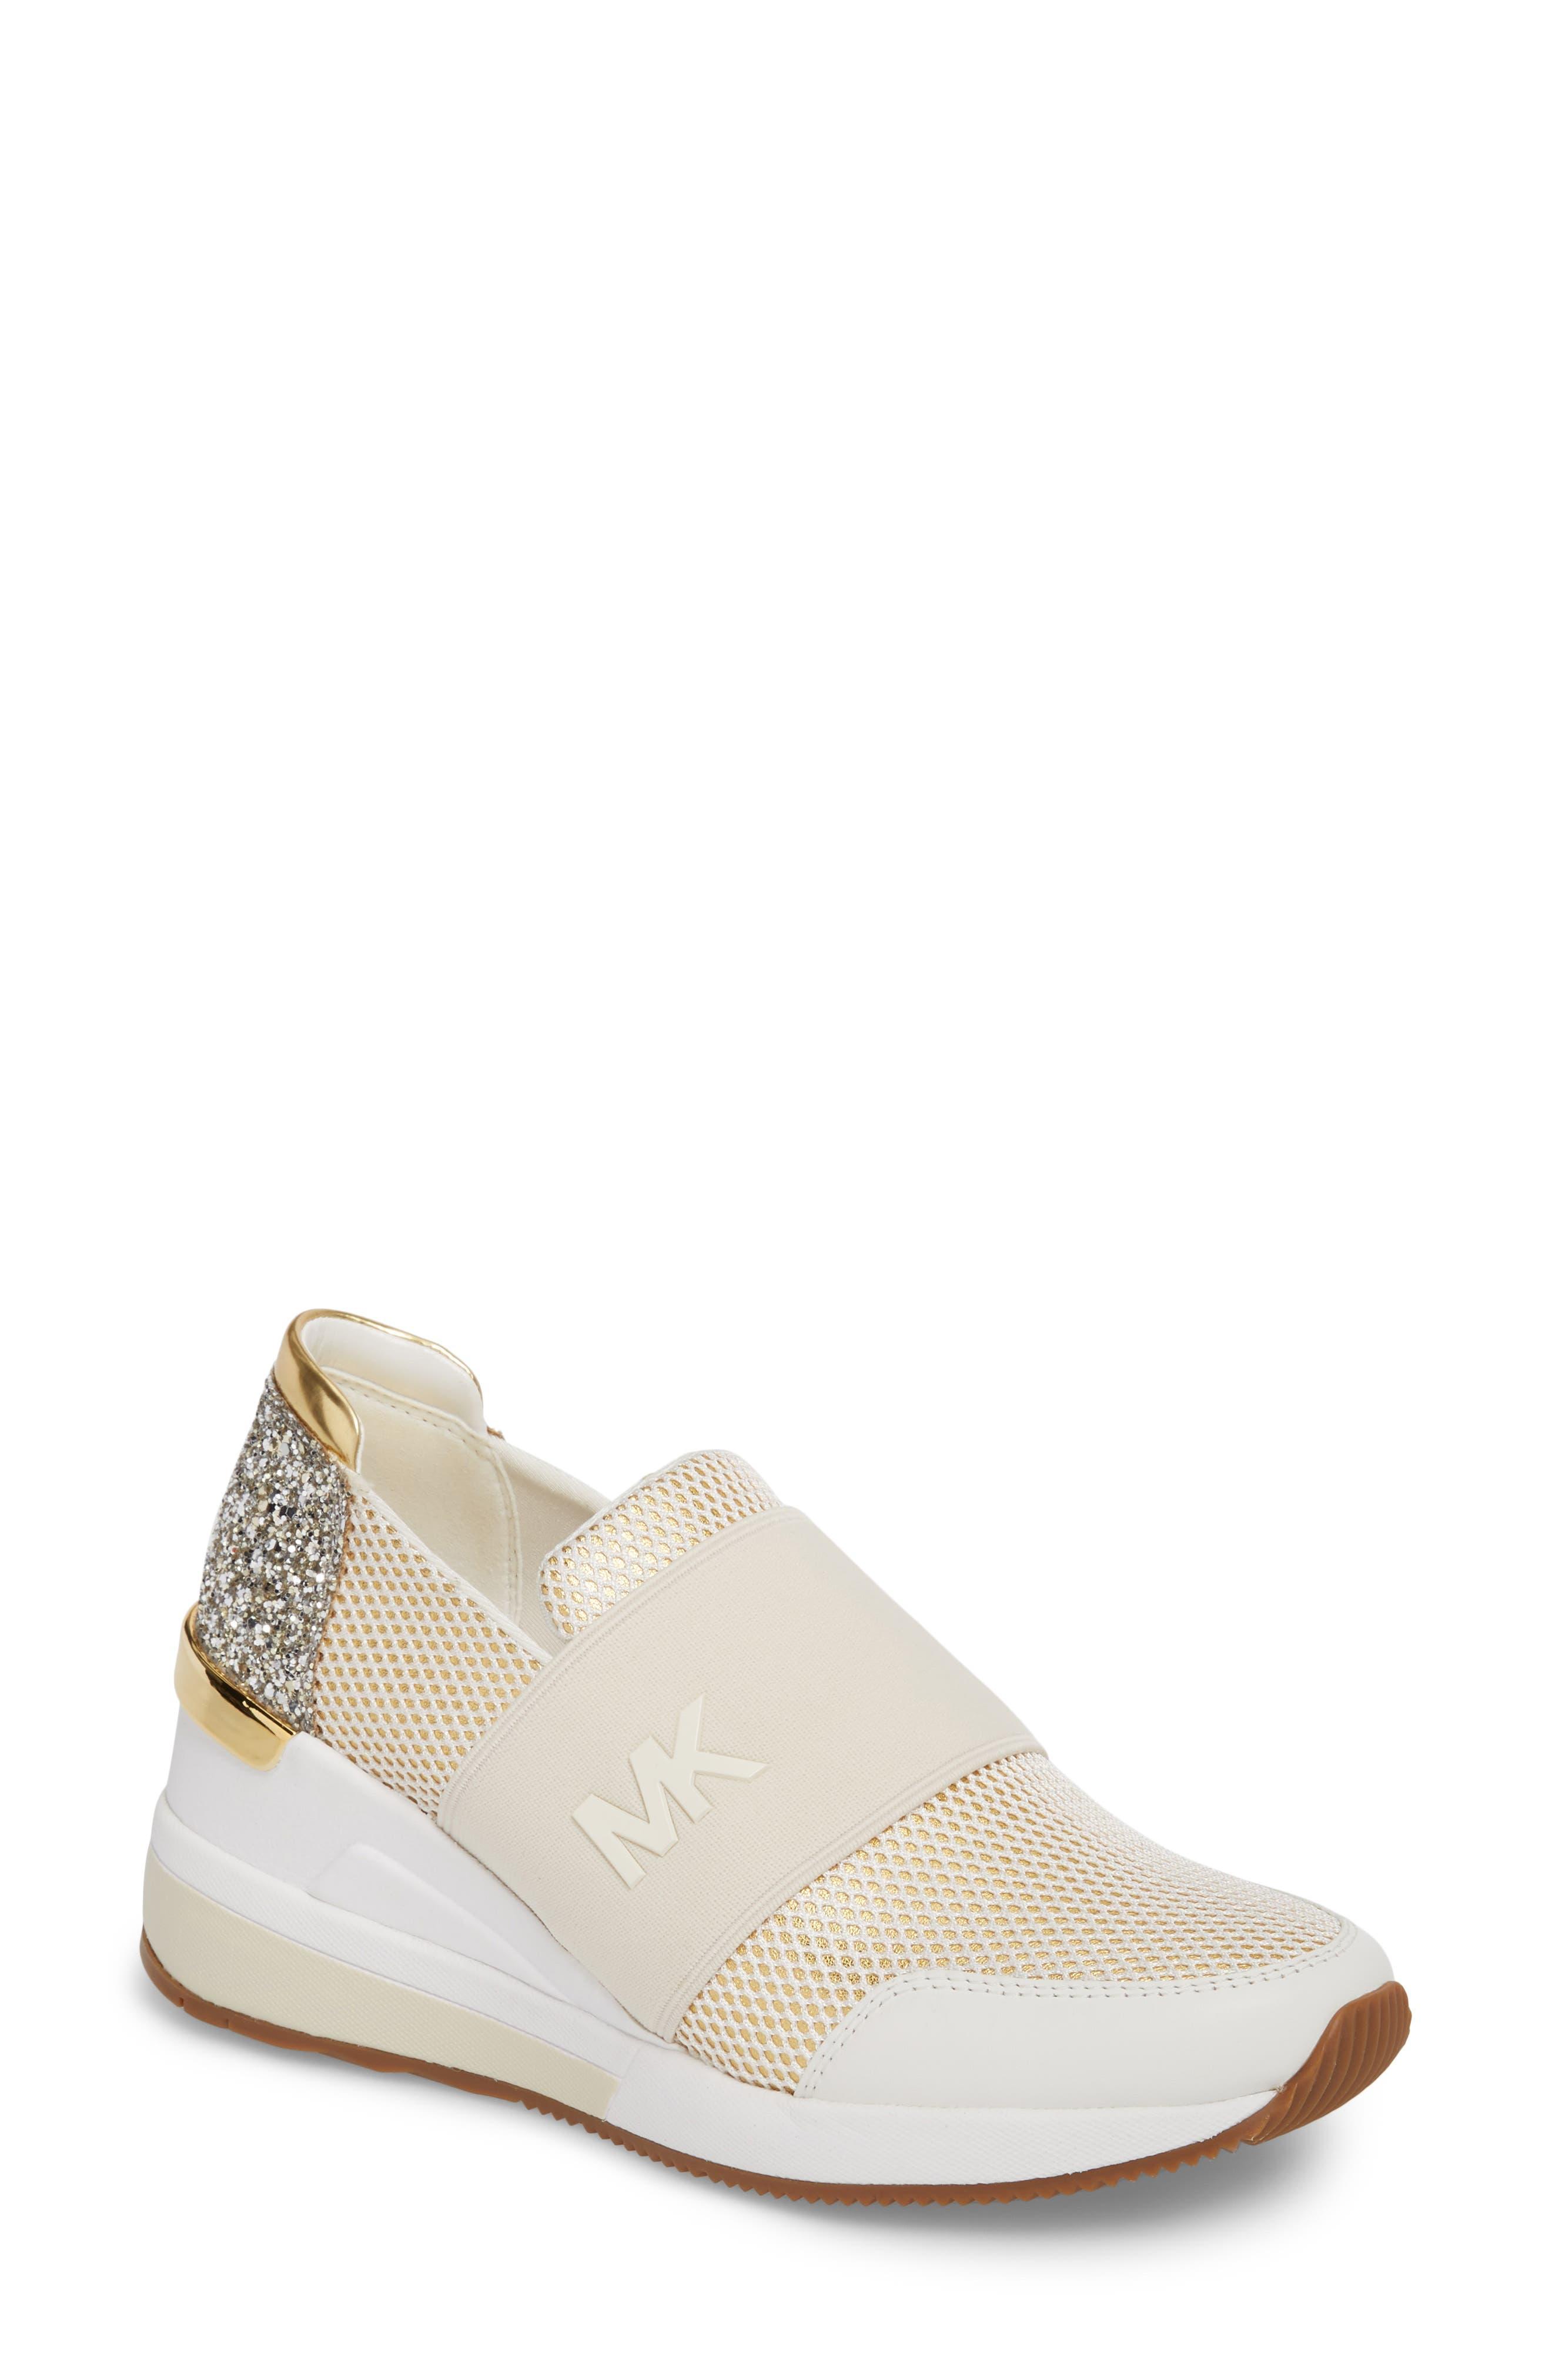 Felix Slip-On Glitter Sneaker,                             Main thumbnail 1, color,                             Gold